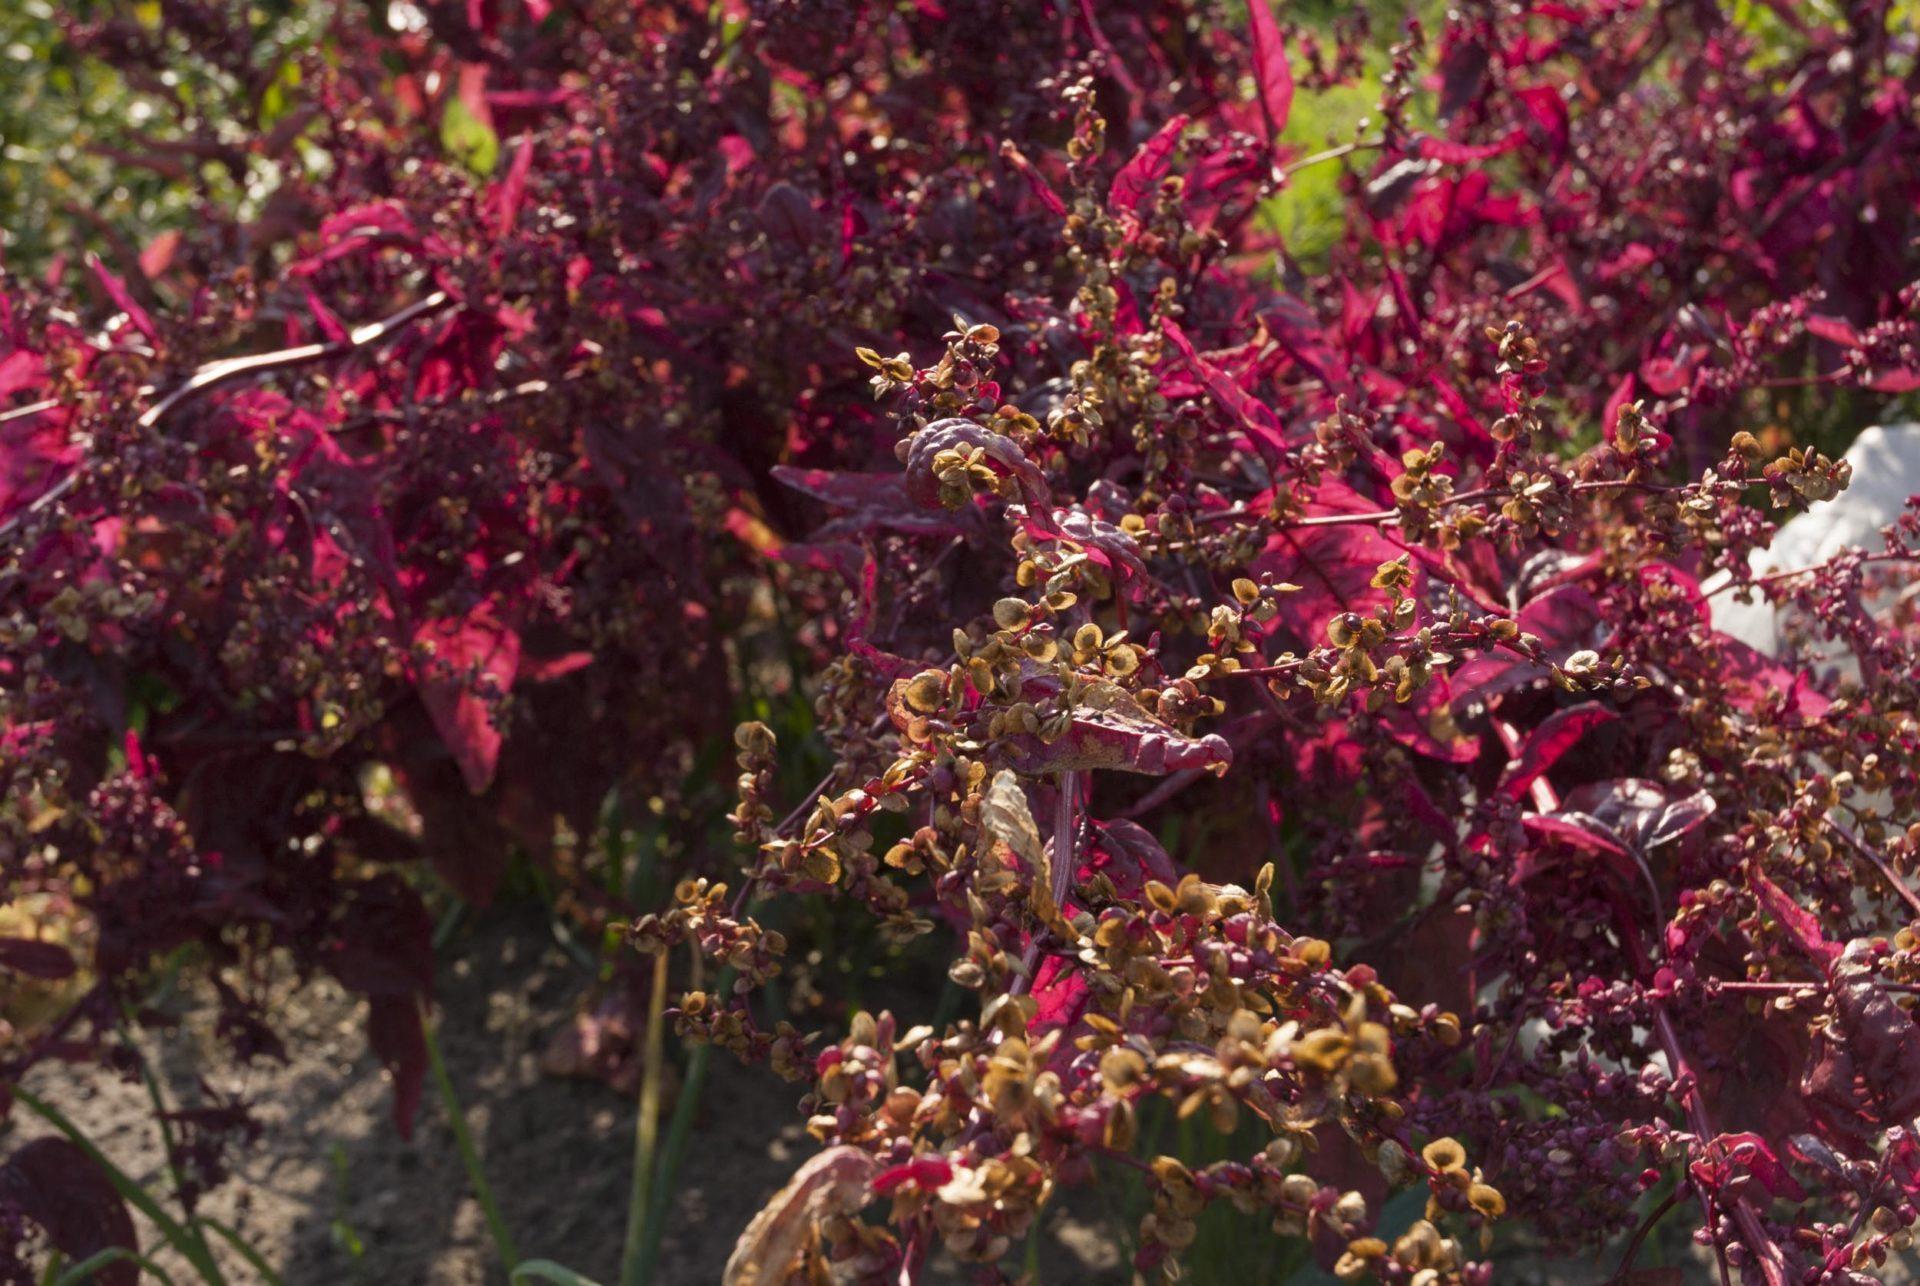 Blütenstand einer roten Melde.